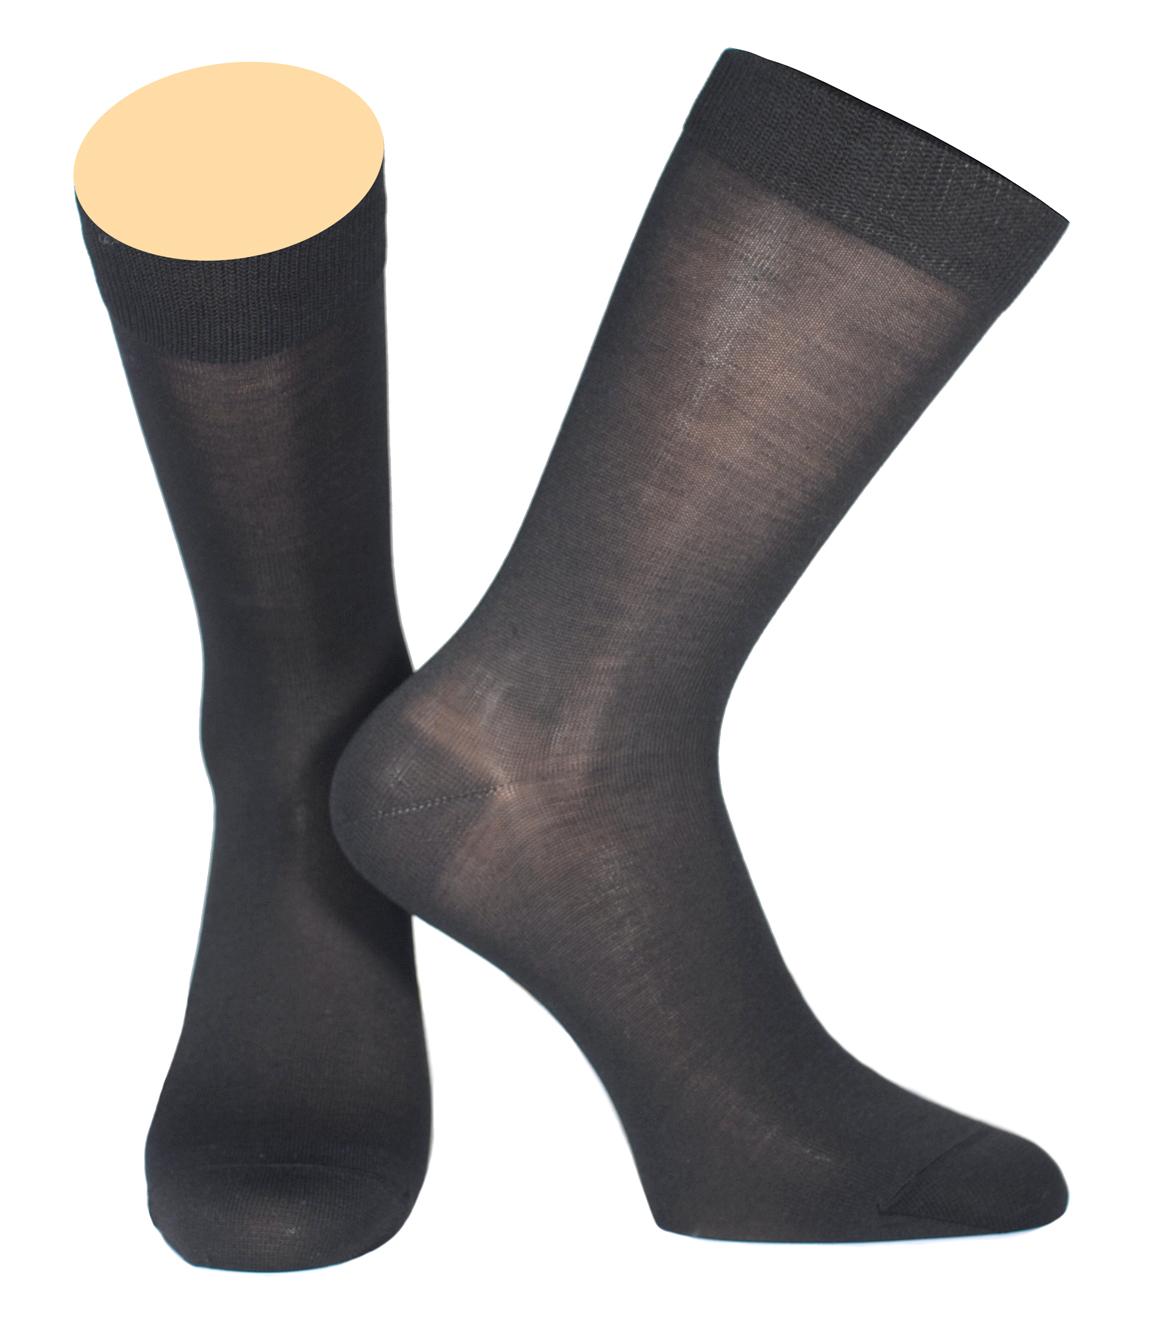 141/01Мужские носки Collonil изготовлены из мерсеризованного хлопка. Носки с удлиненным паголенком. Широкая резинка не сдавливает и комфортно облегает ногу.